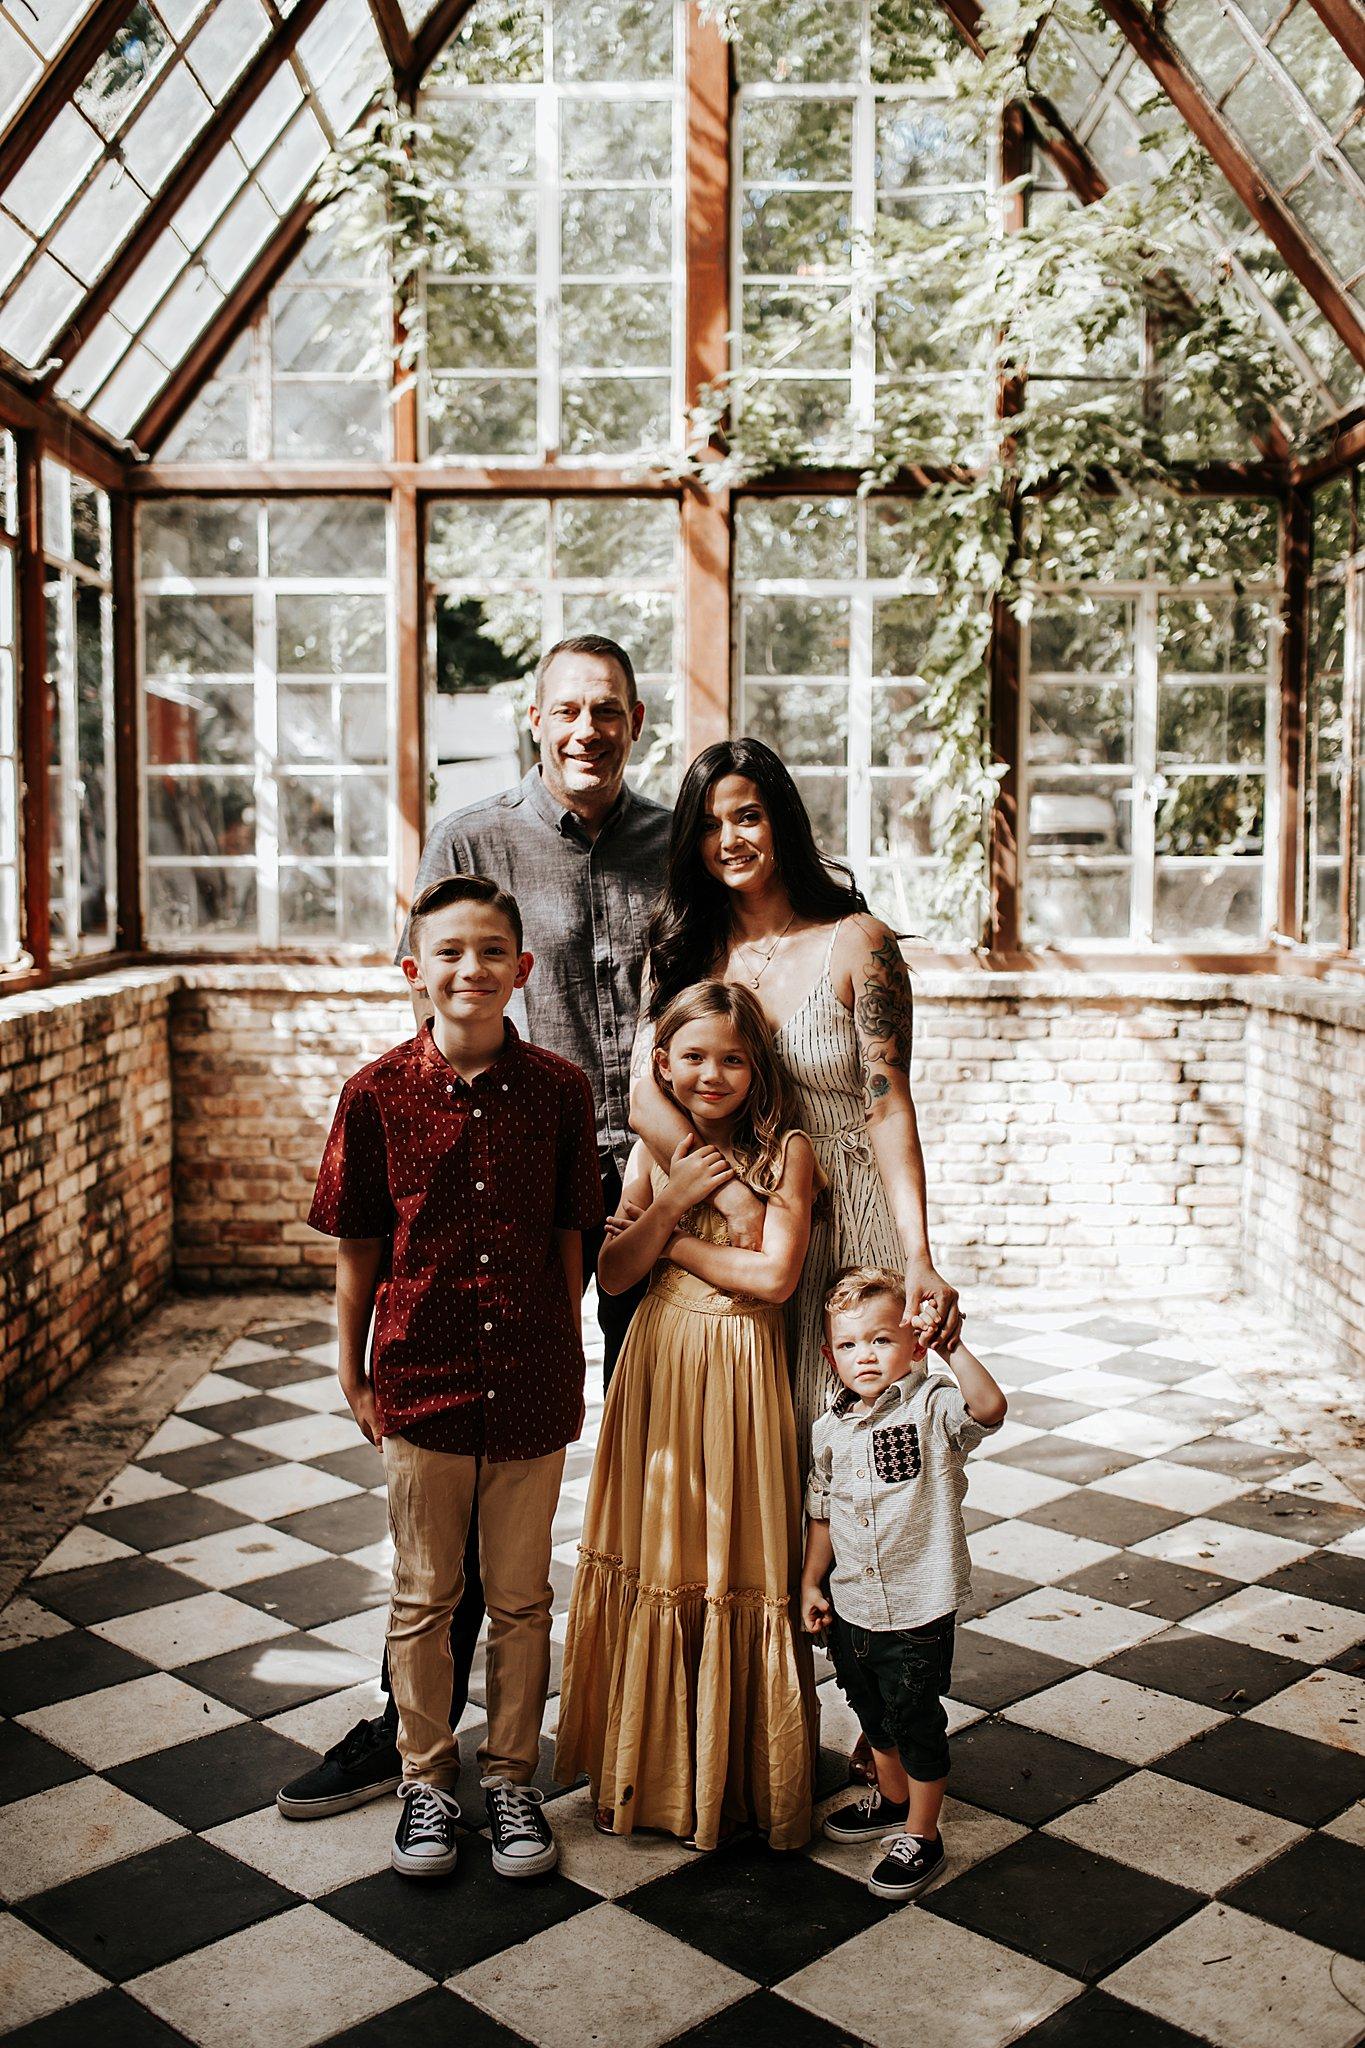 Ohara-San-Antonio-Family-Photographer-3_WEB.jpg